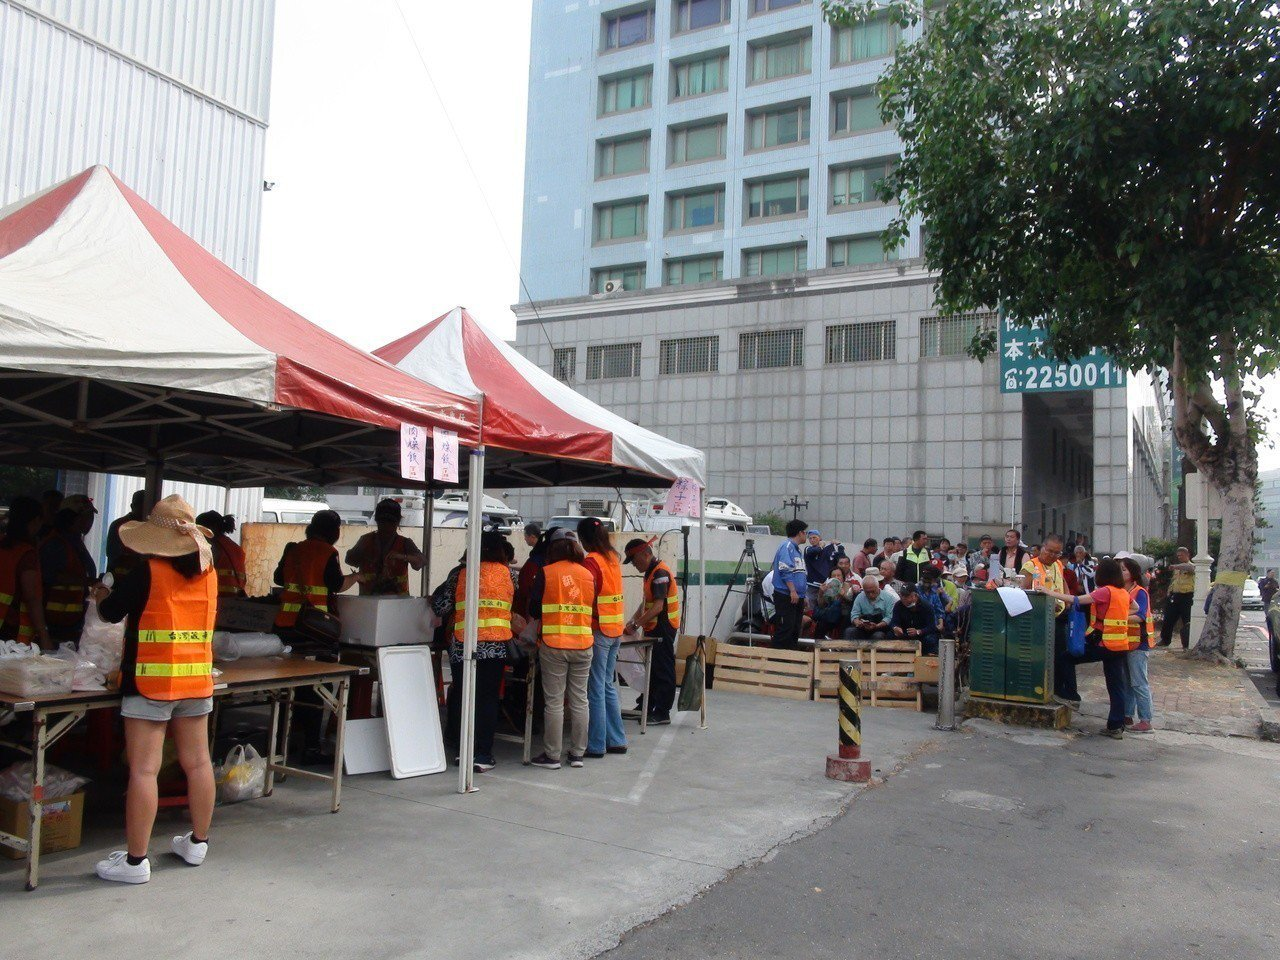 超級韓粉郭先生贊助發放5000碗滷肉飯,一早就吸引許多民眾排隊等候。記者謝梅芬/...